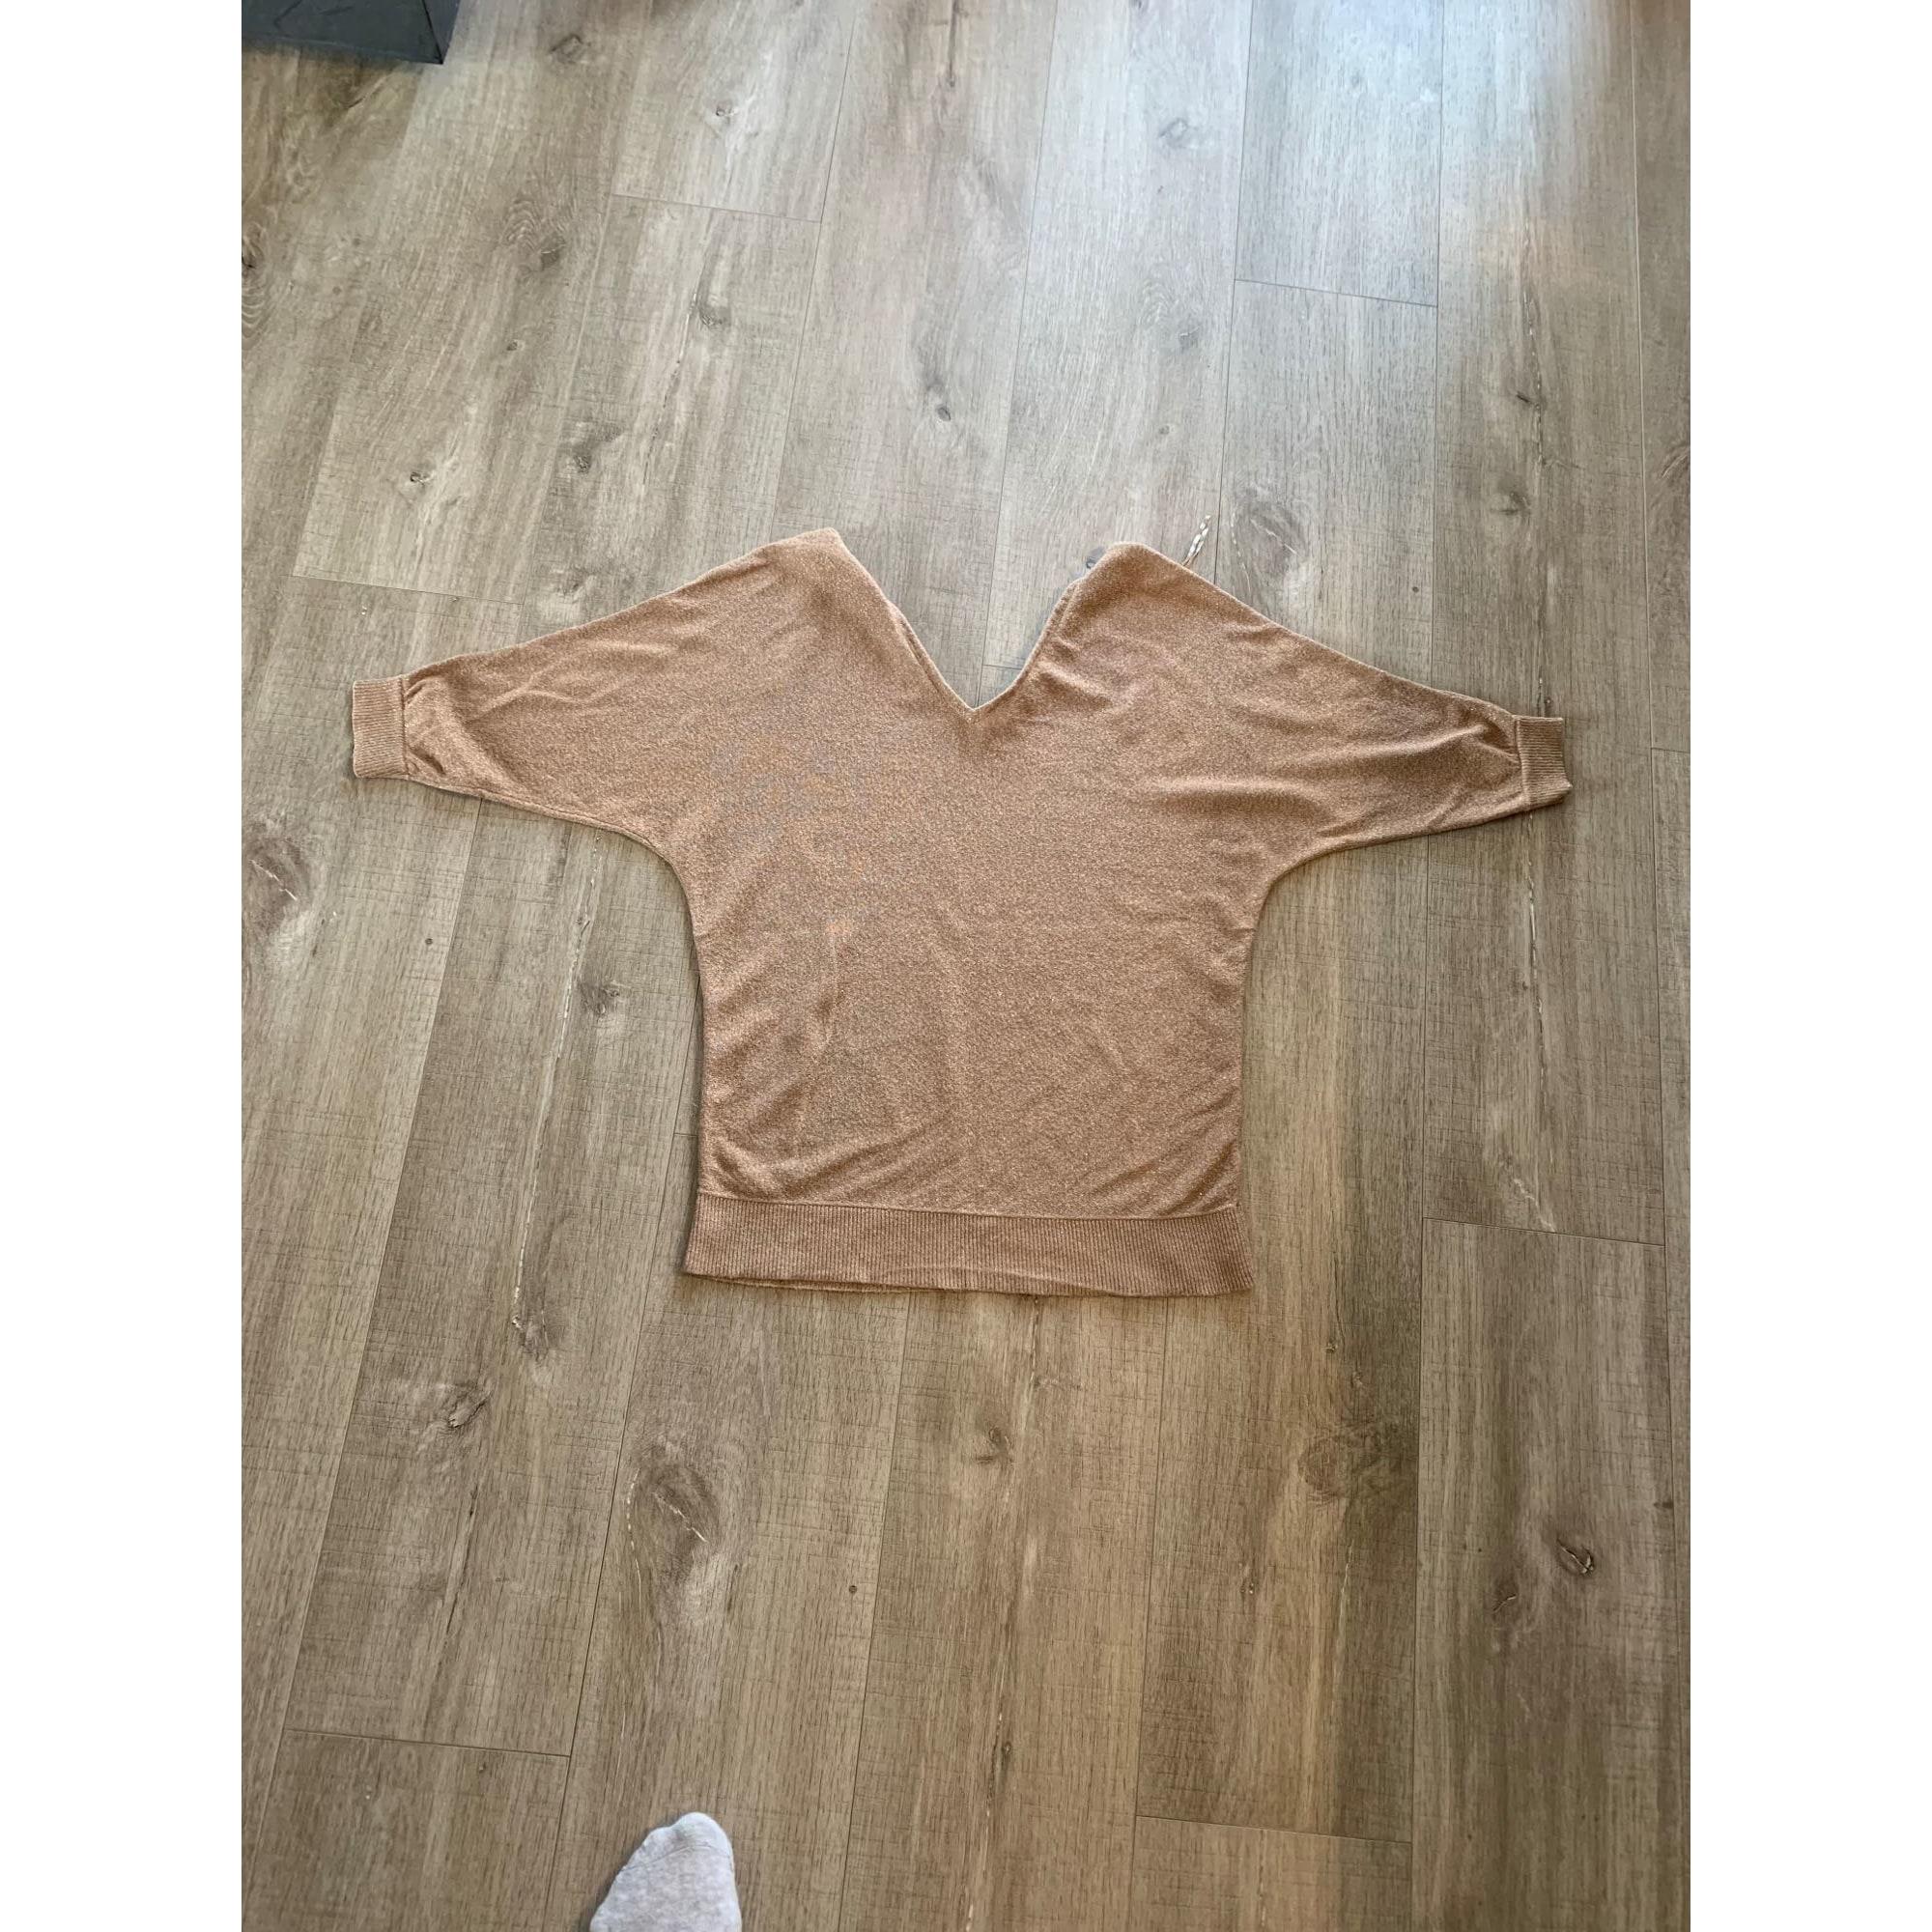 Top, tee-shirt CAMAIEU Beige, camel